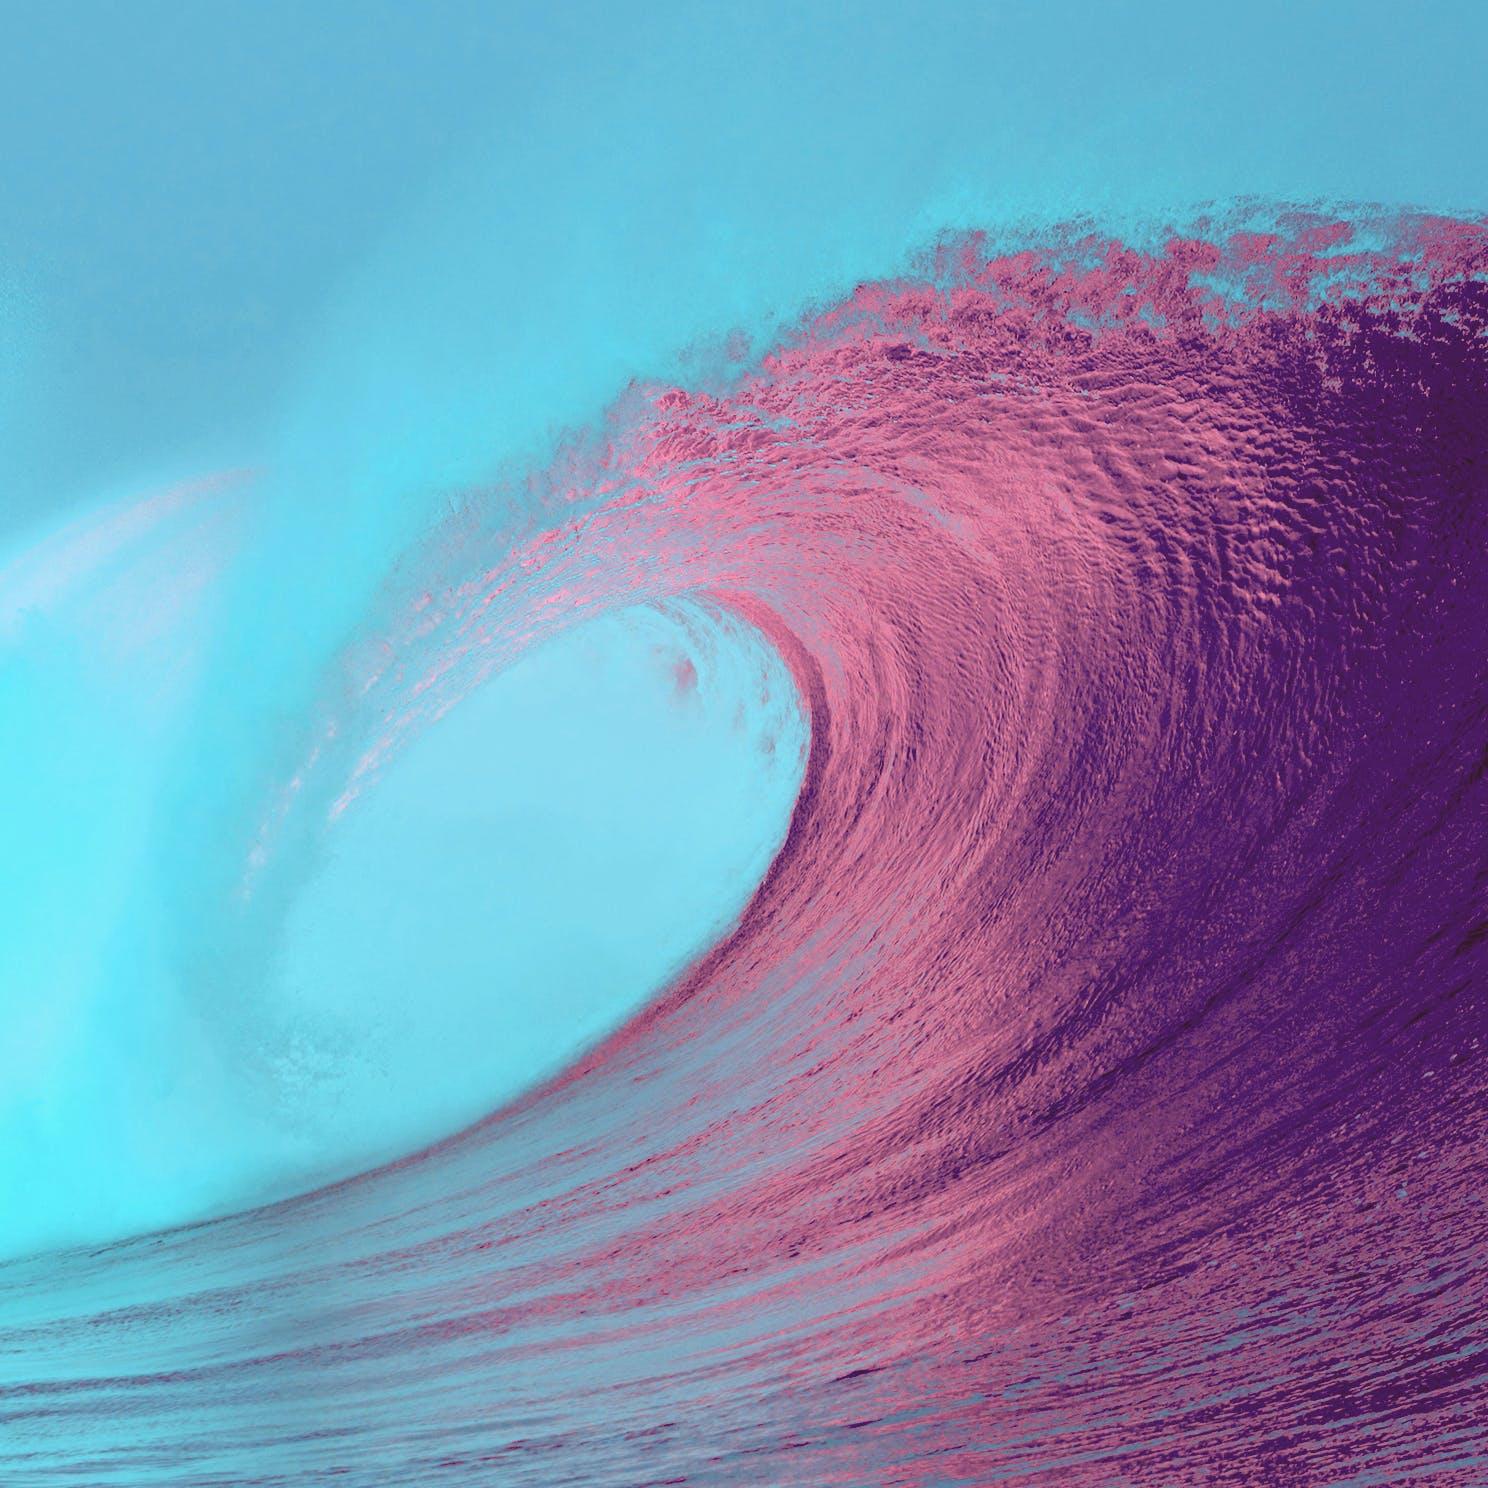 Kostenloses Stock Foto zu kunst, wasser, welle, farben